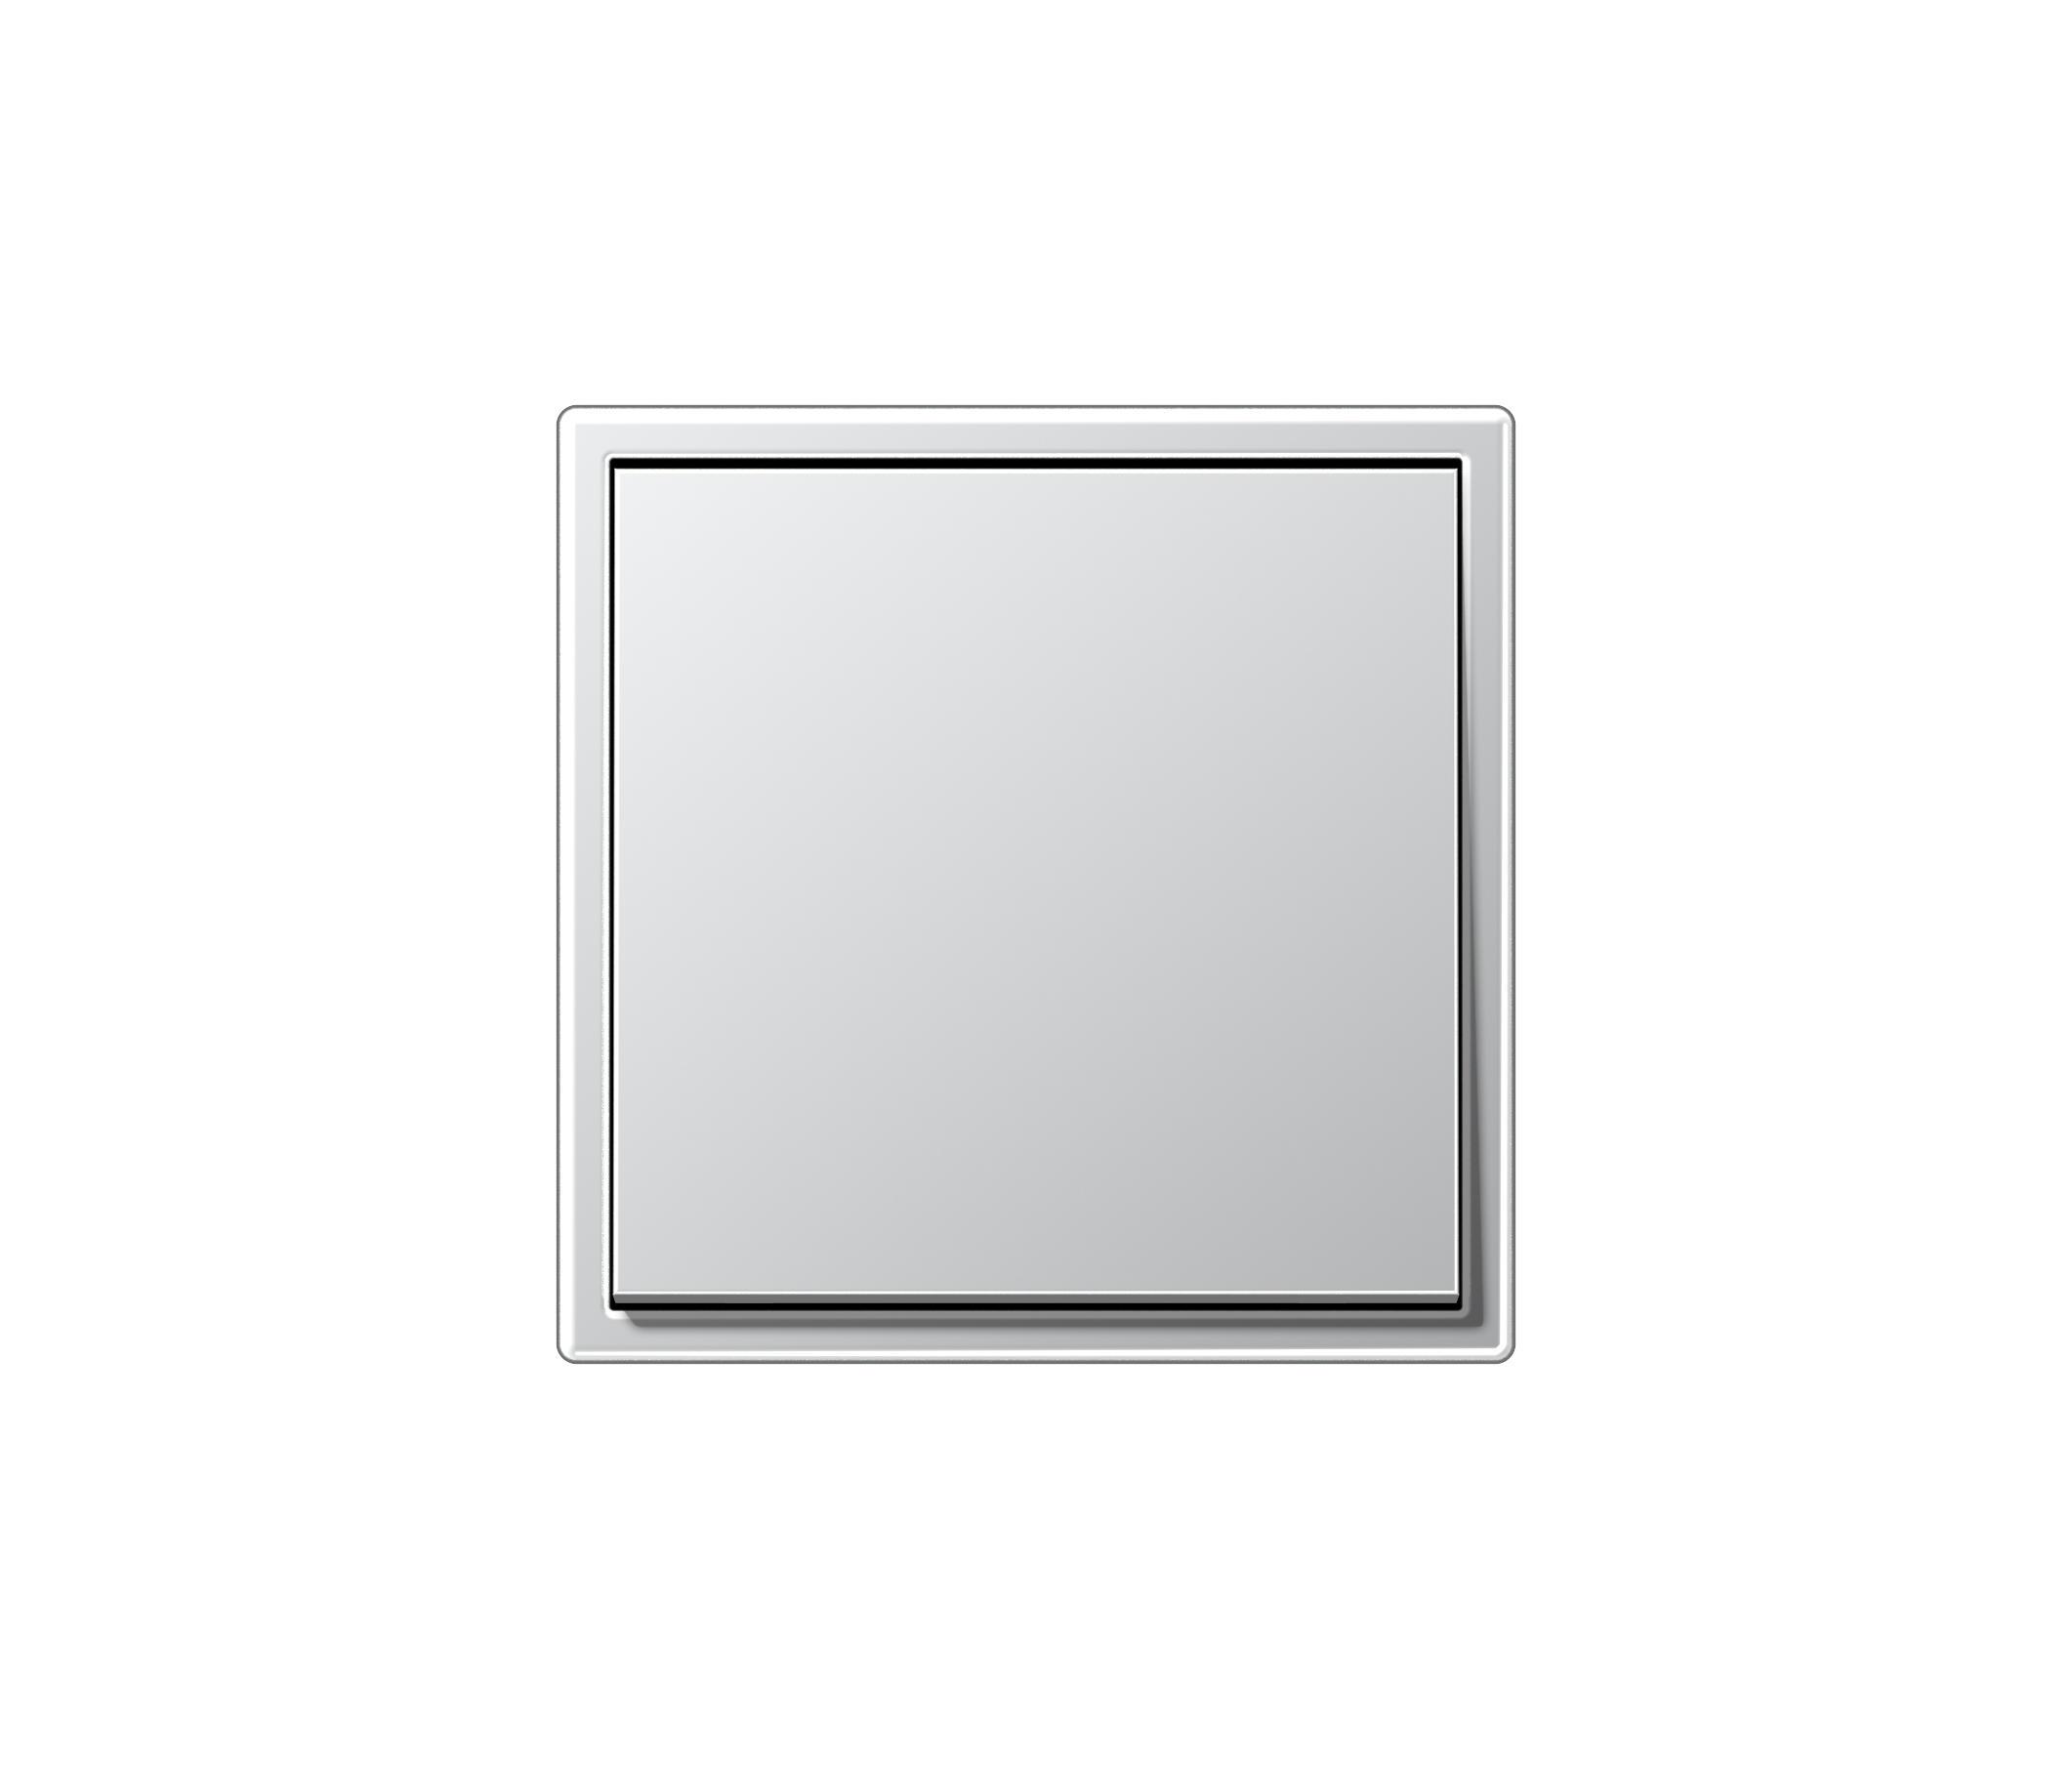 LS 990 SCHALTER ALUMNIUM - Wippschalter von JUNG | Architonic